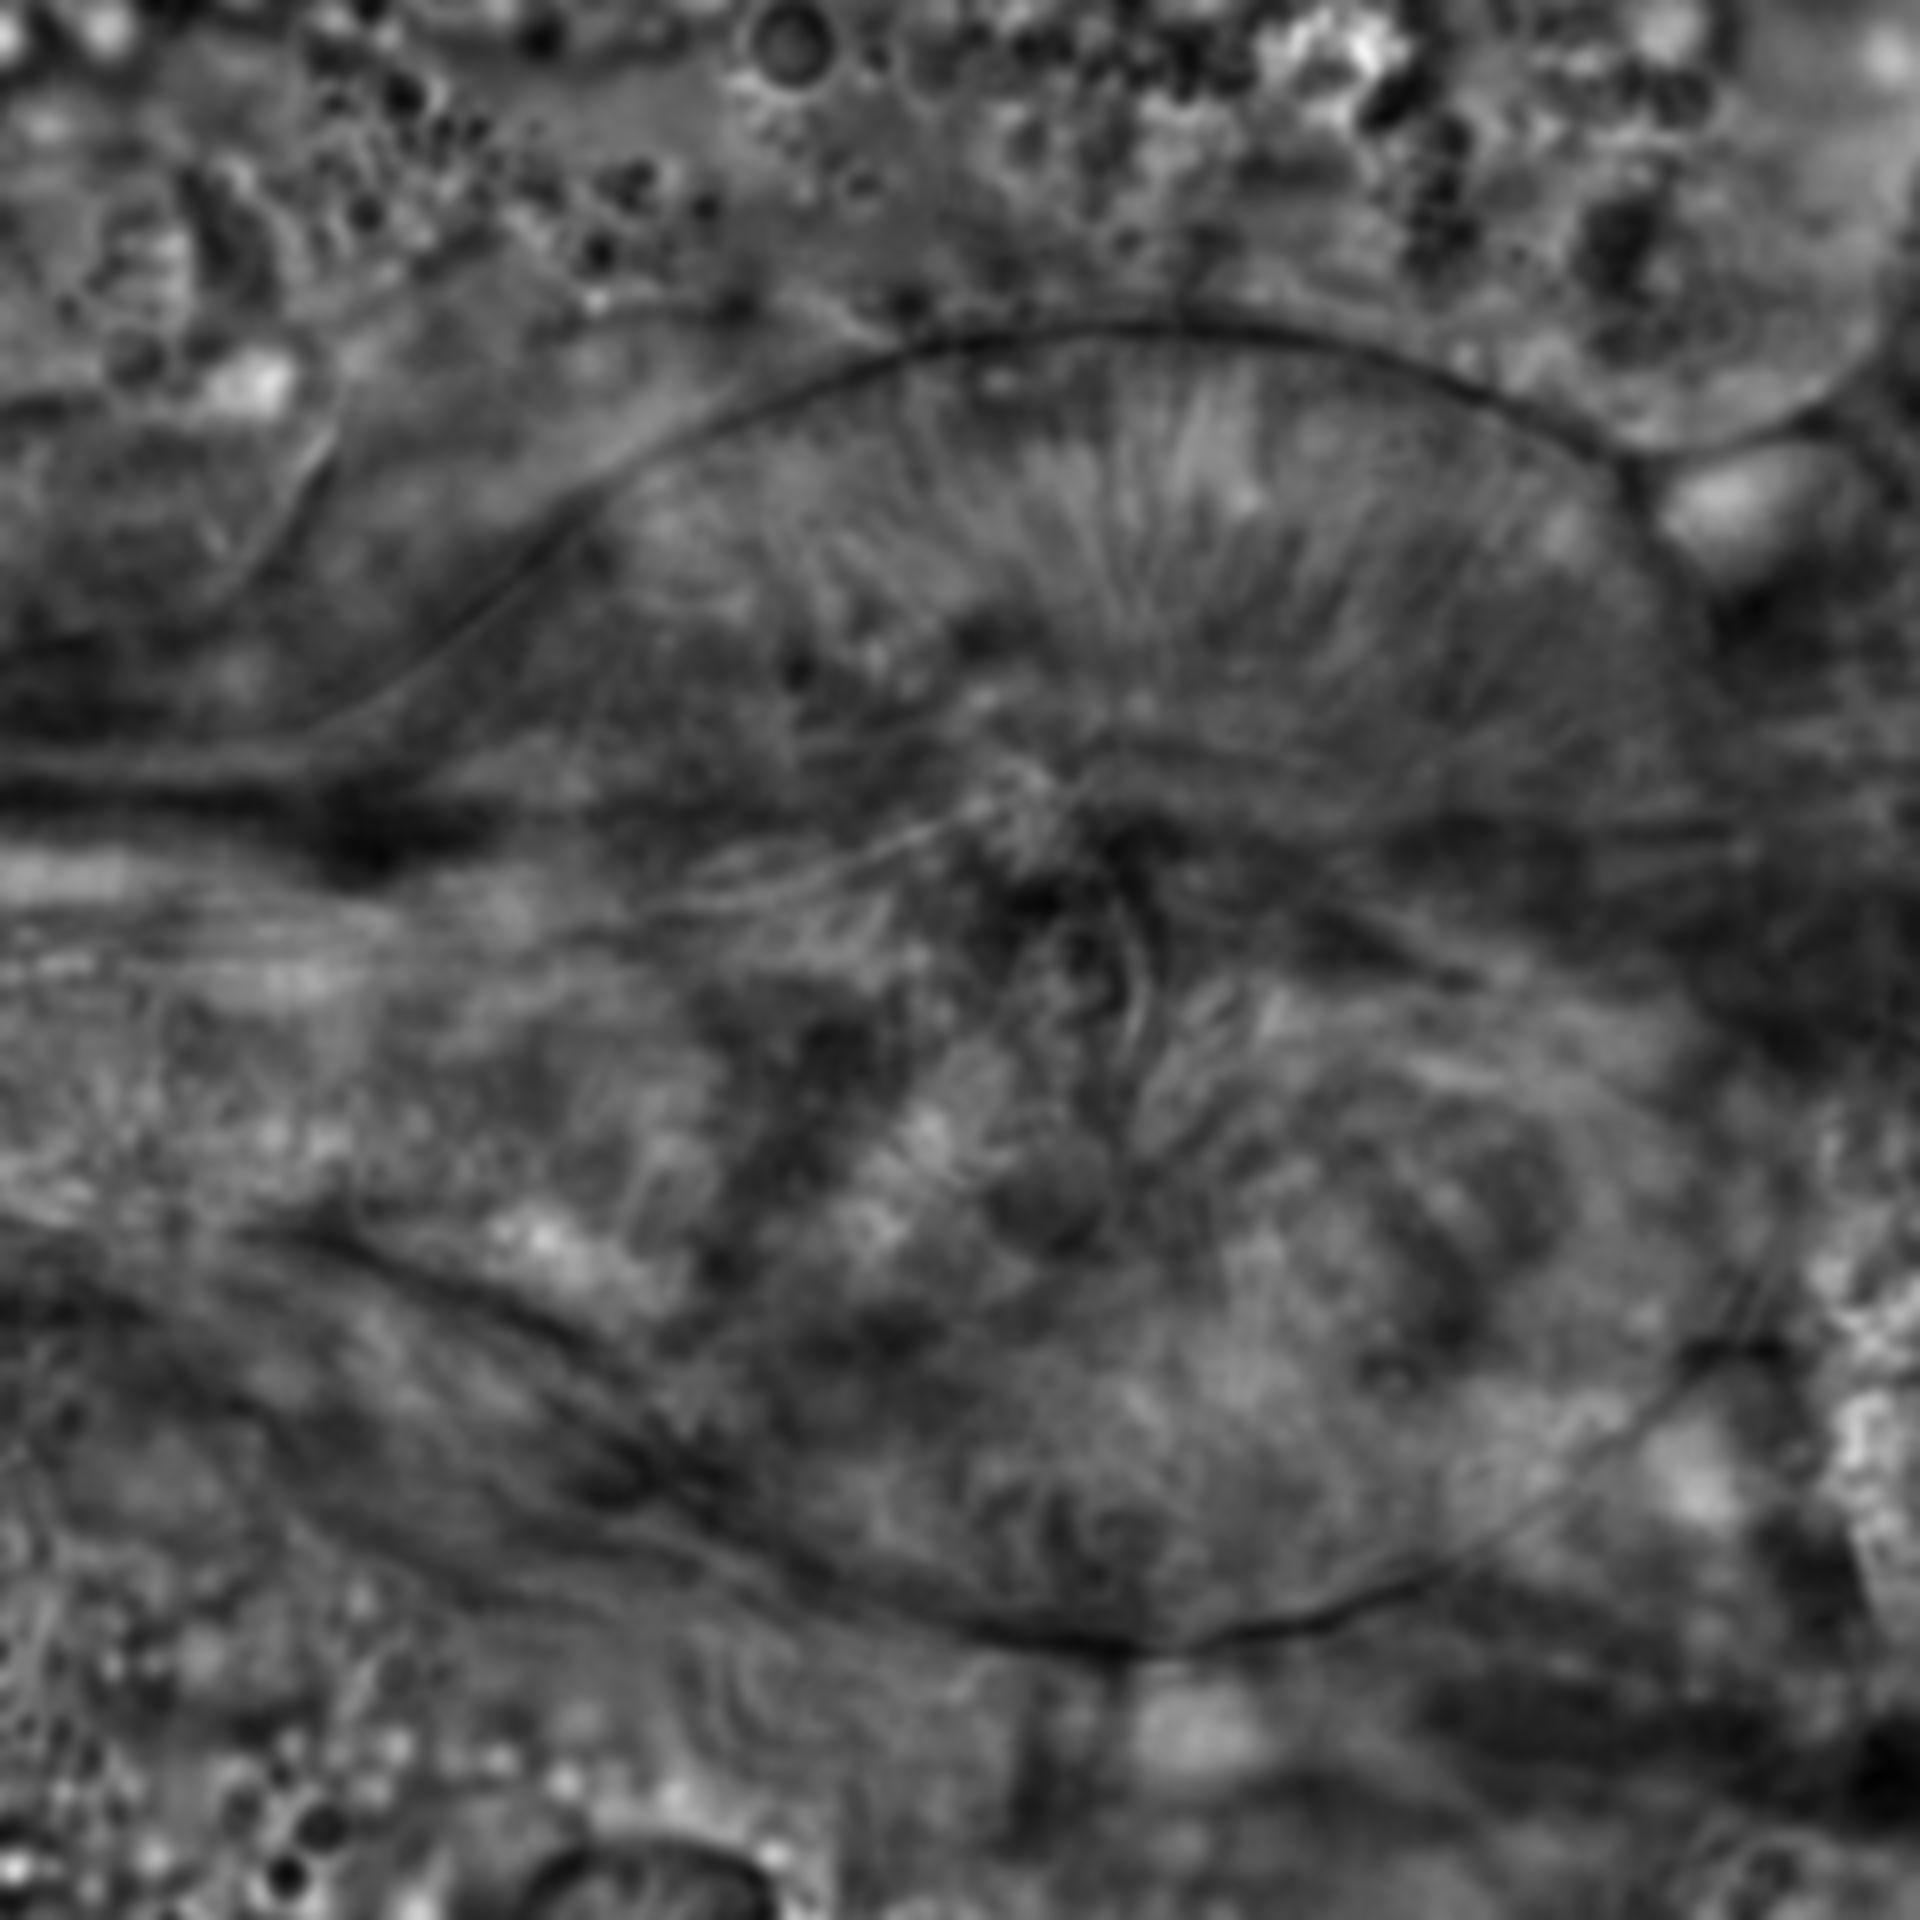 Caenorhabditis elegans - CIL:2175